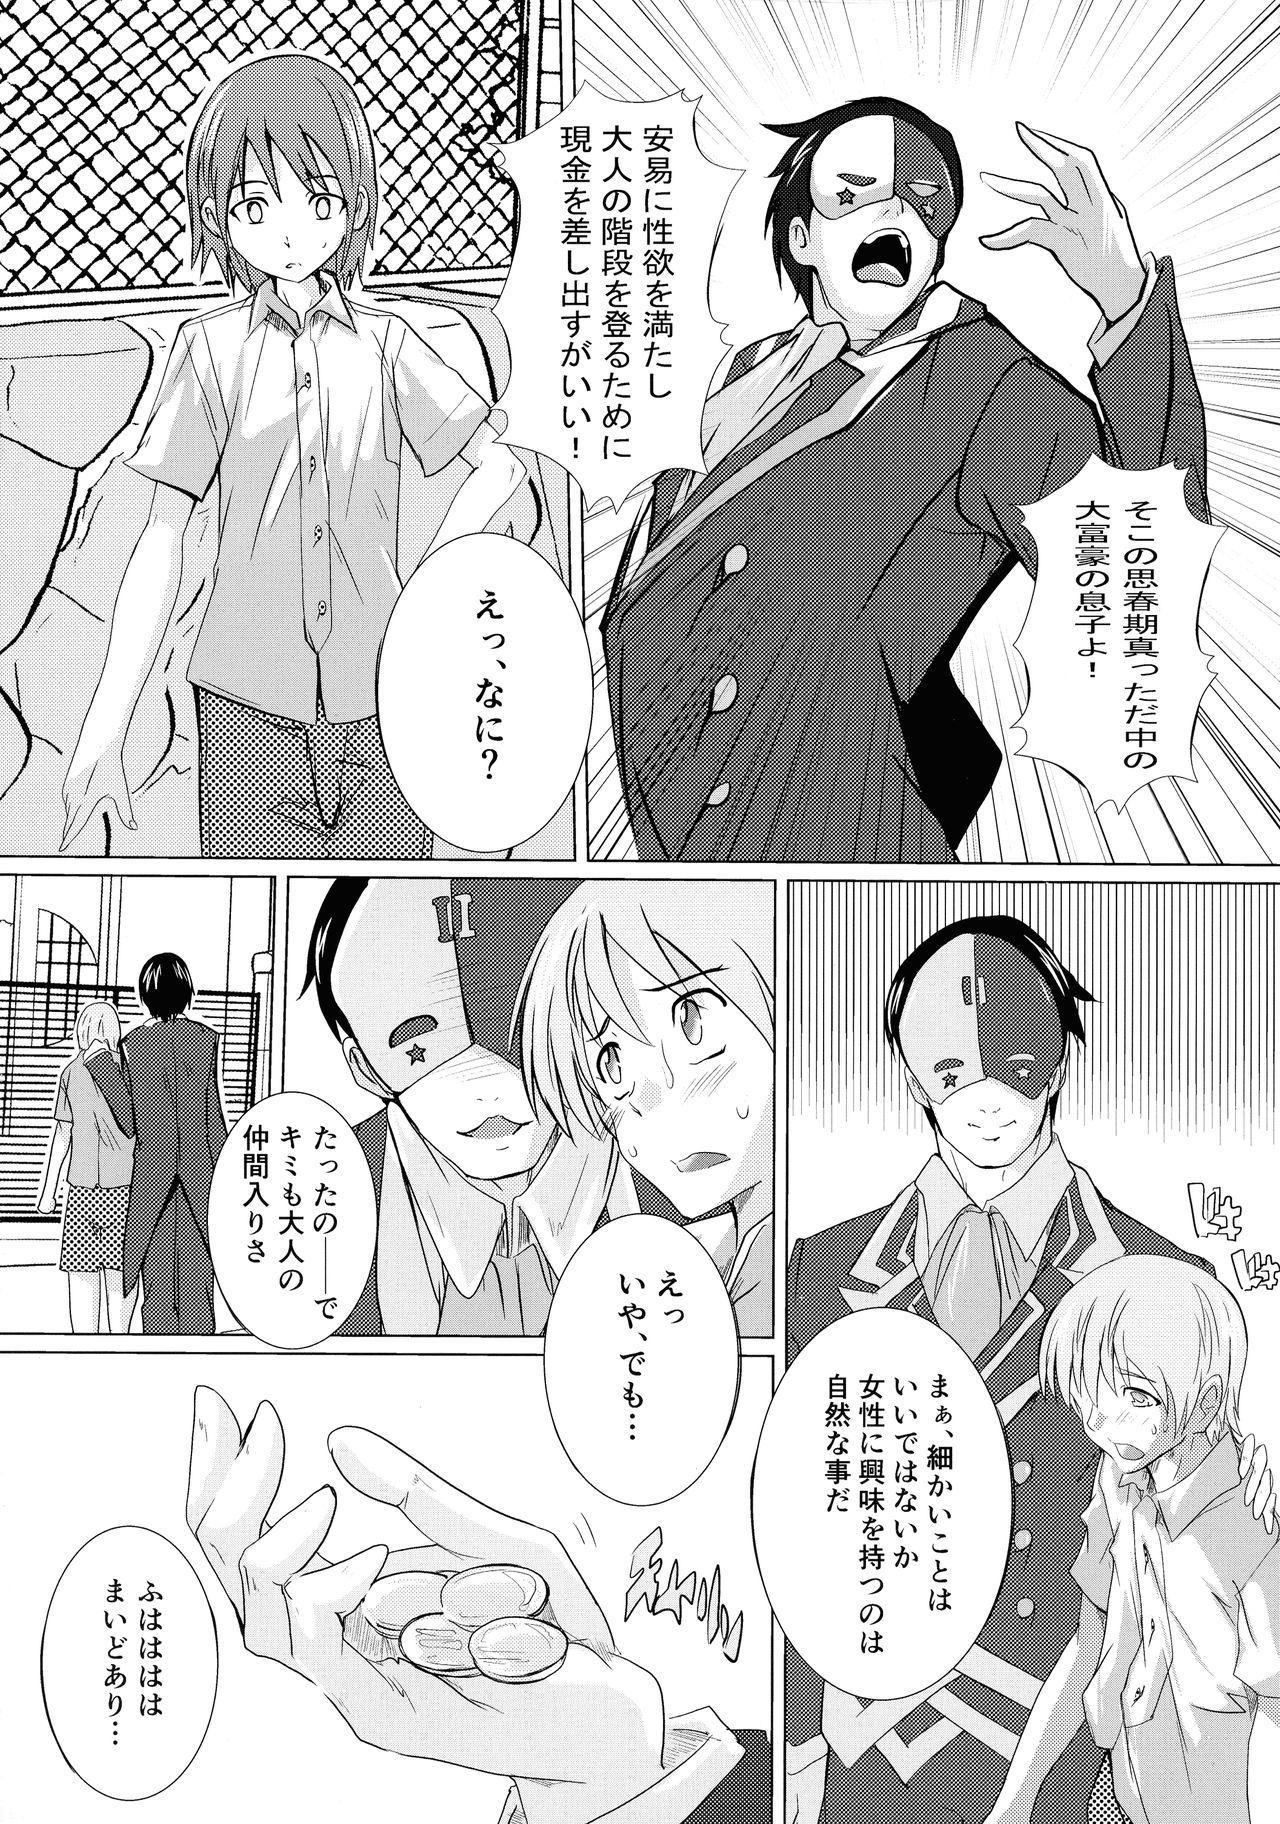 Kono Iyarashii Tenshu ni 3